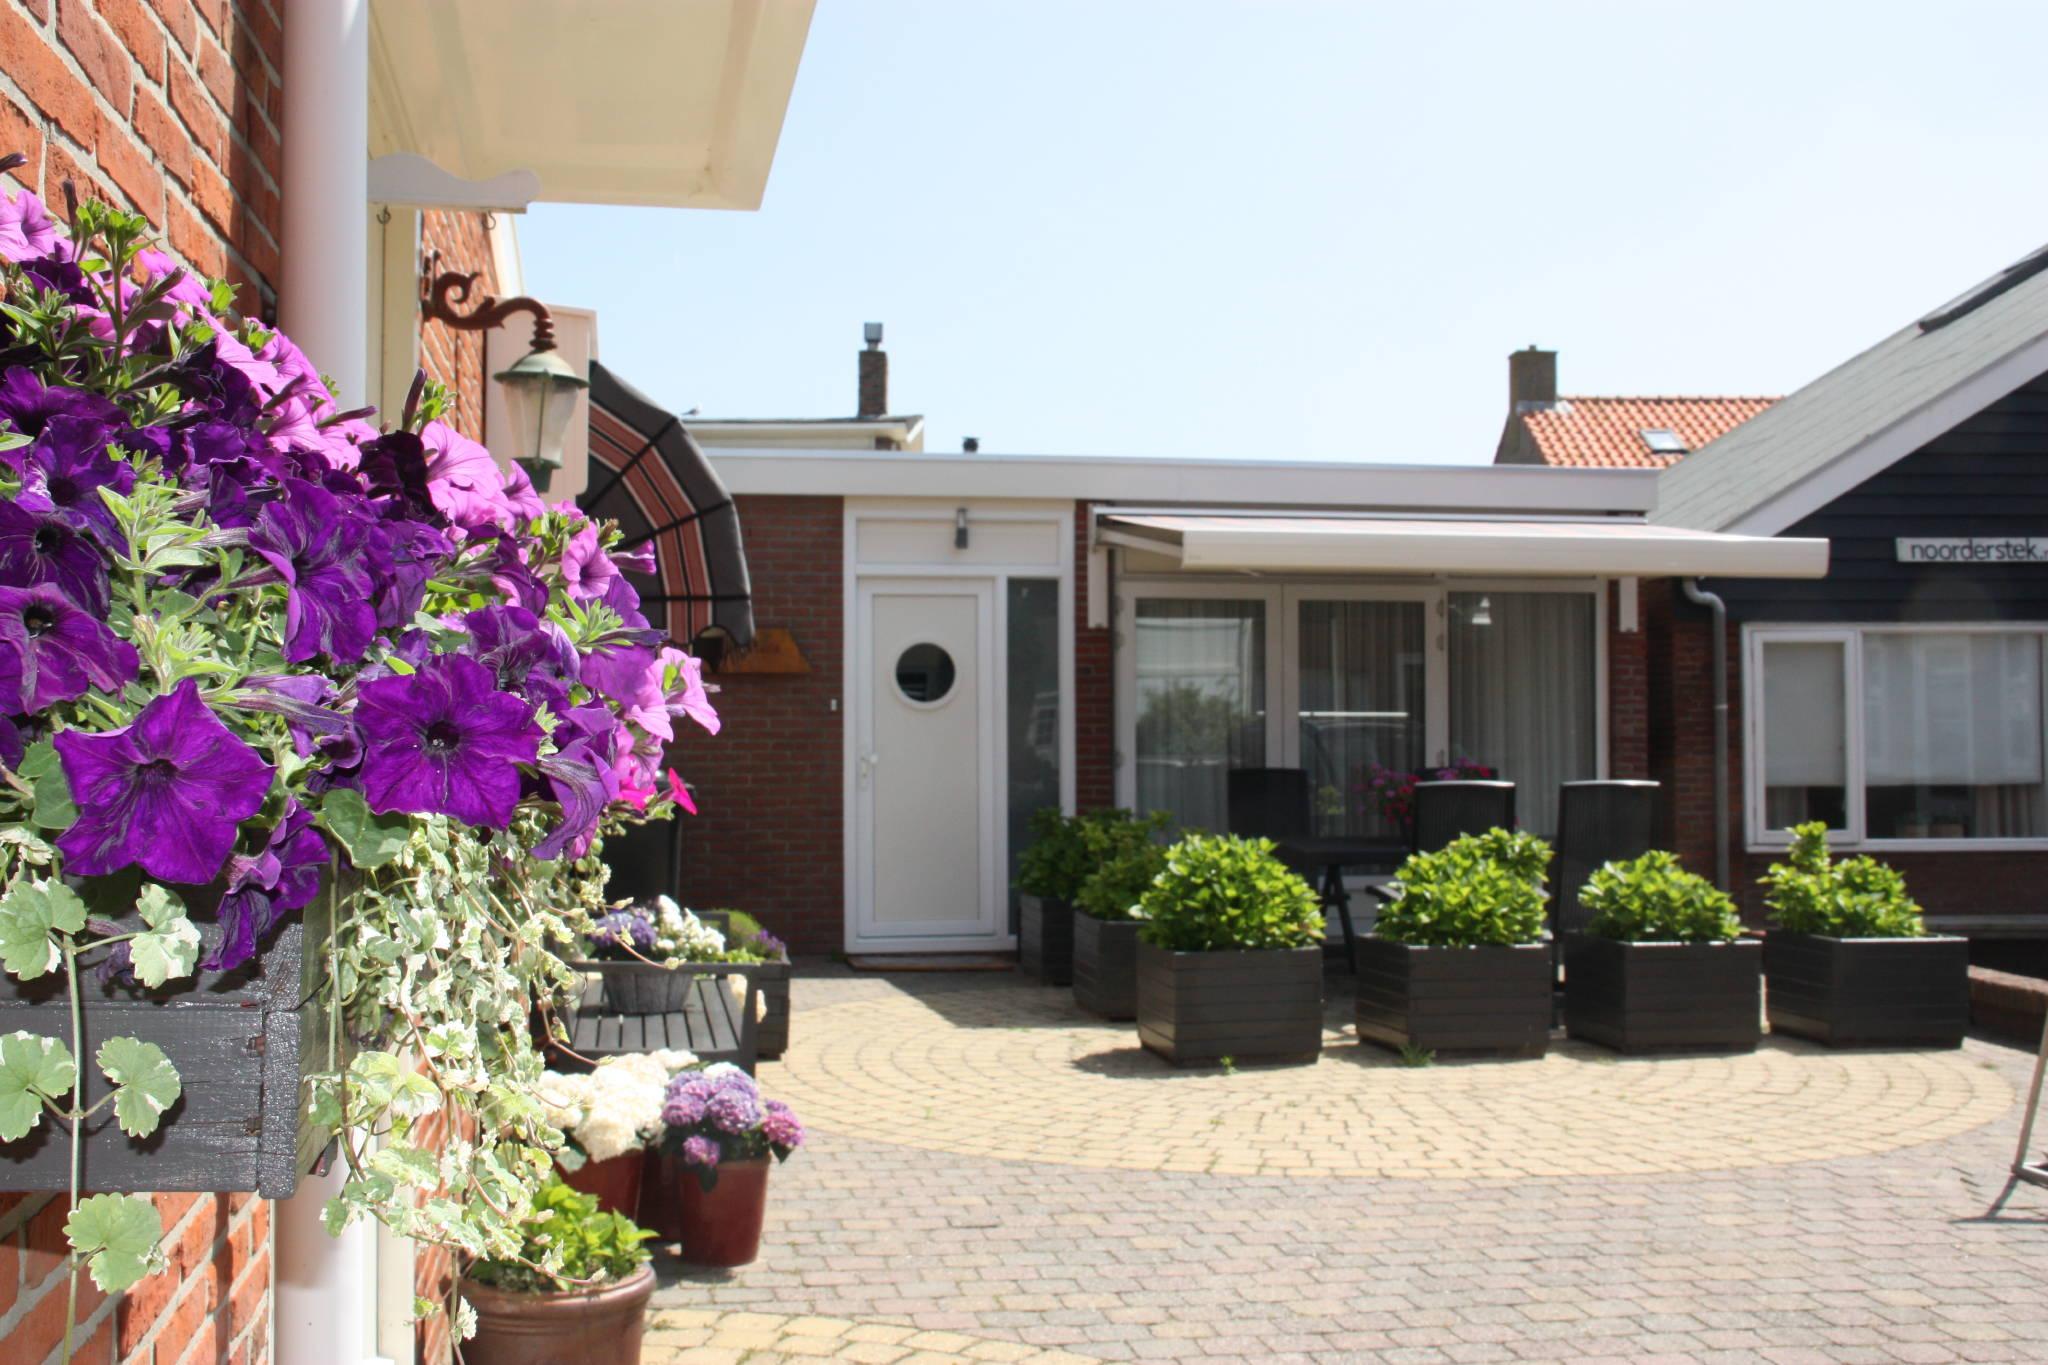 Bungalow 39 huis ter duin 39 in egmond aan zee noord holland for 4 holland terrace needham ma